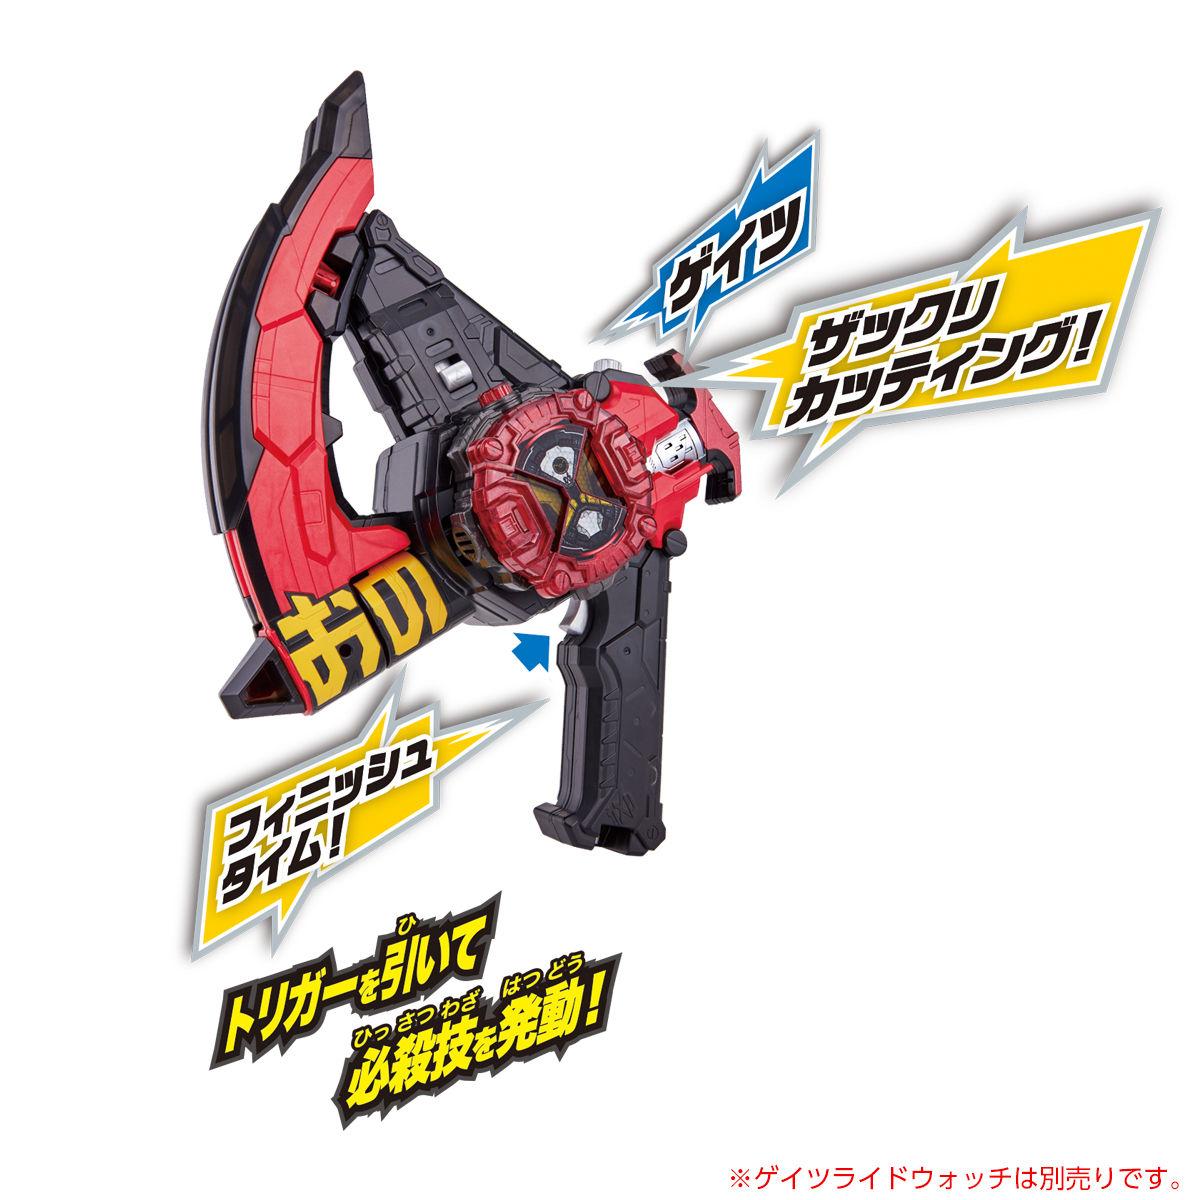 仮面ライダージオウ『時間厳斧DXジカンザックス』変身なりきり-006